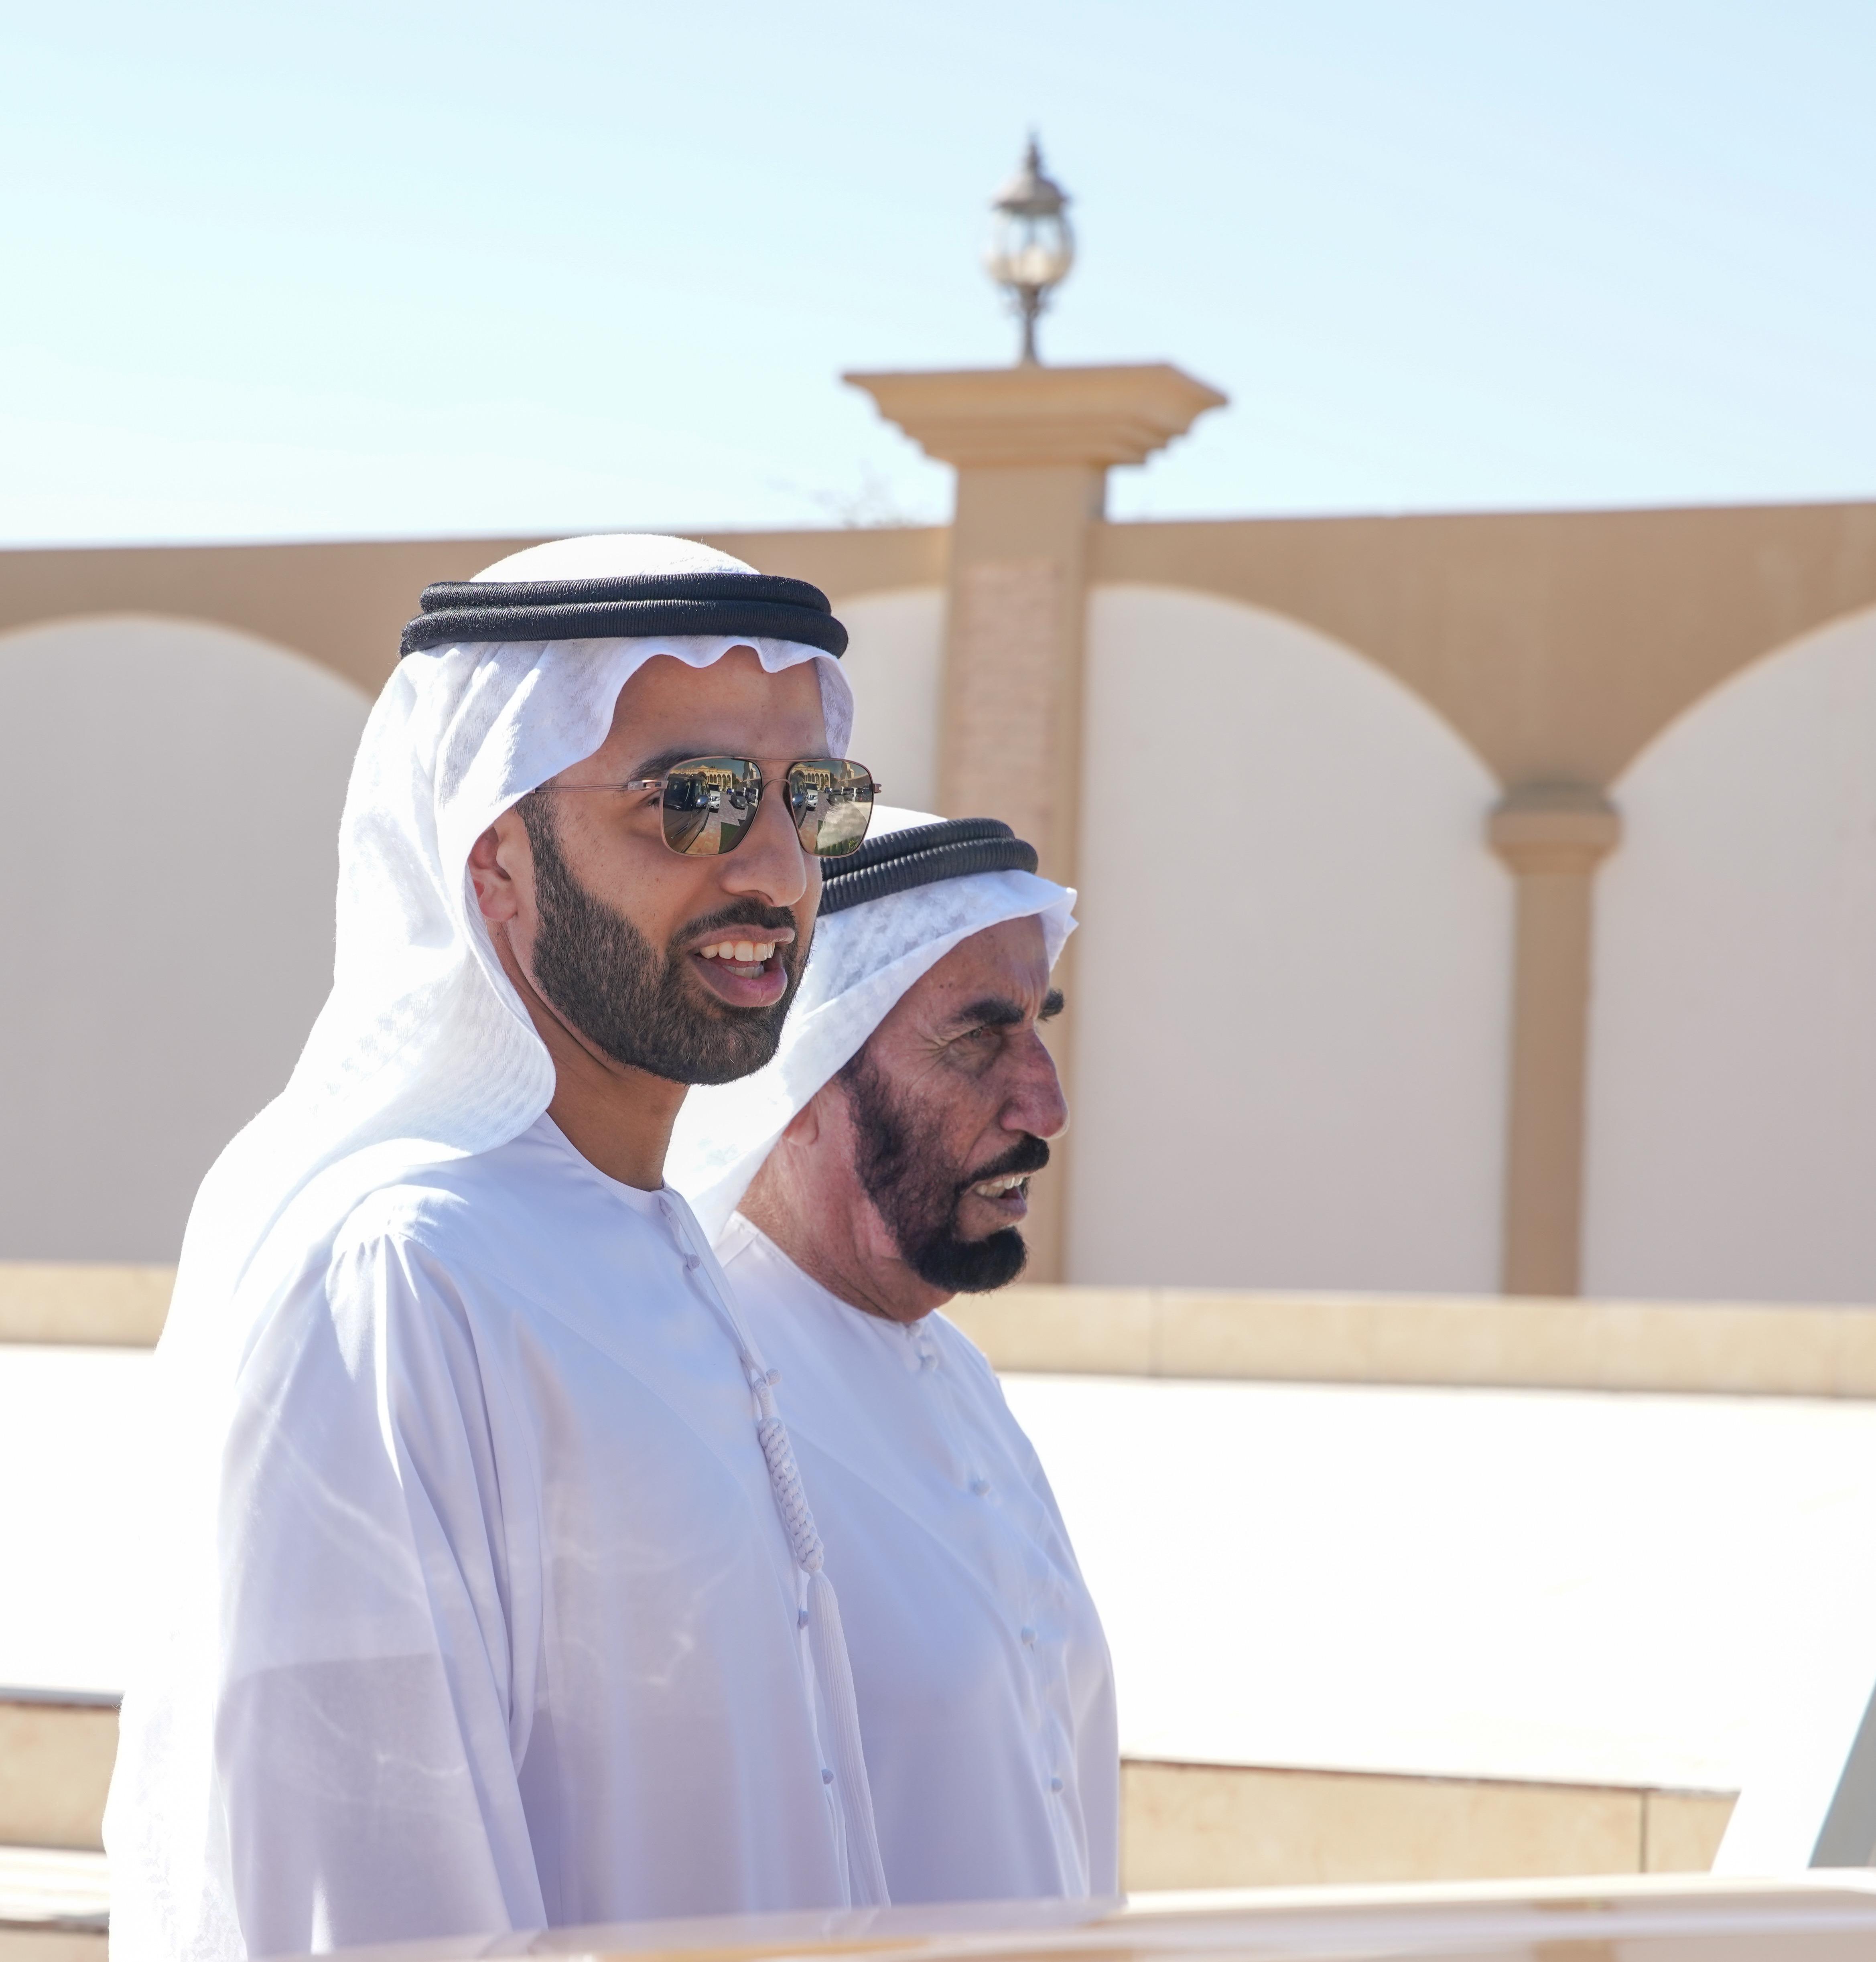 ولي عهد رأس الخيمة يزور سلطان بن علي الخاطري في منزله